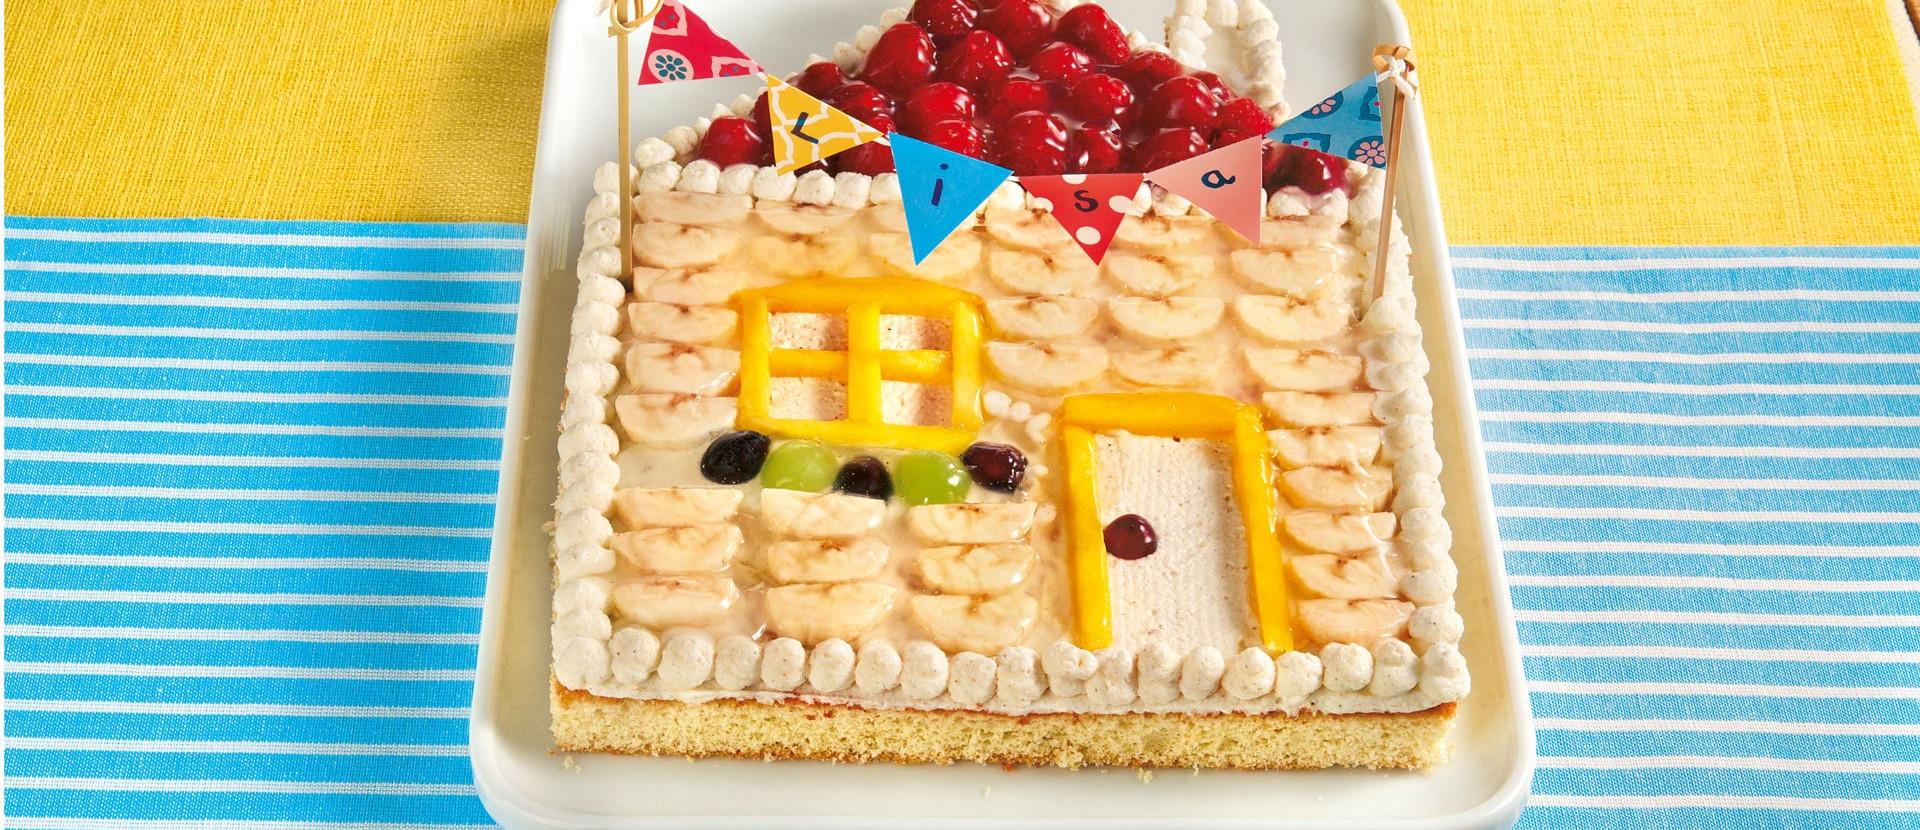 Geburtstagskuchen in Häuschenform